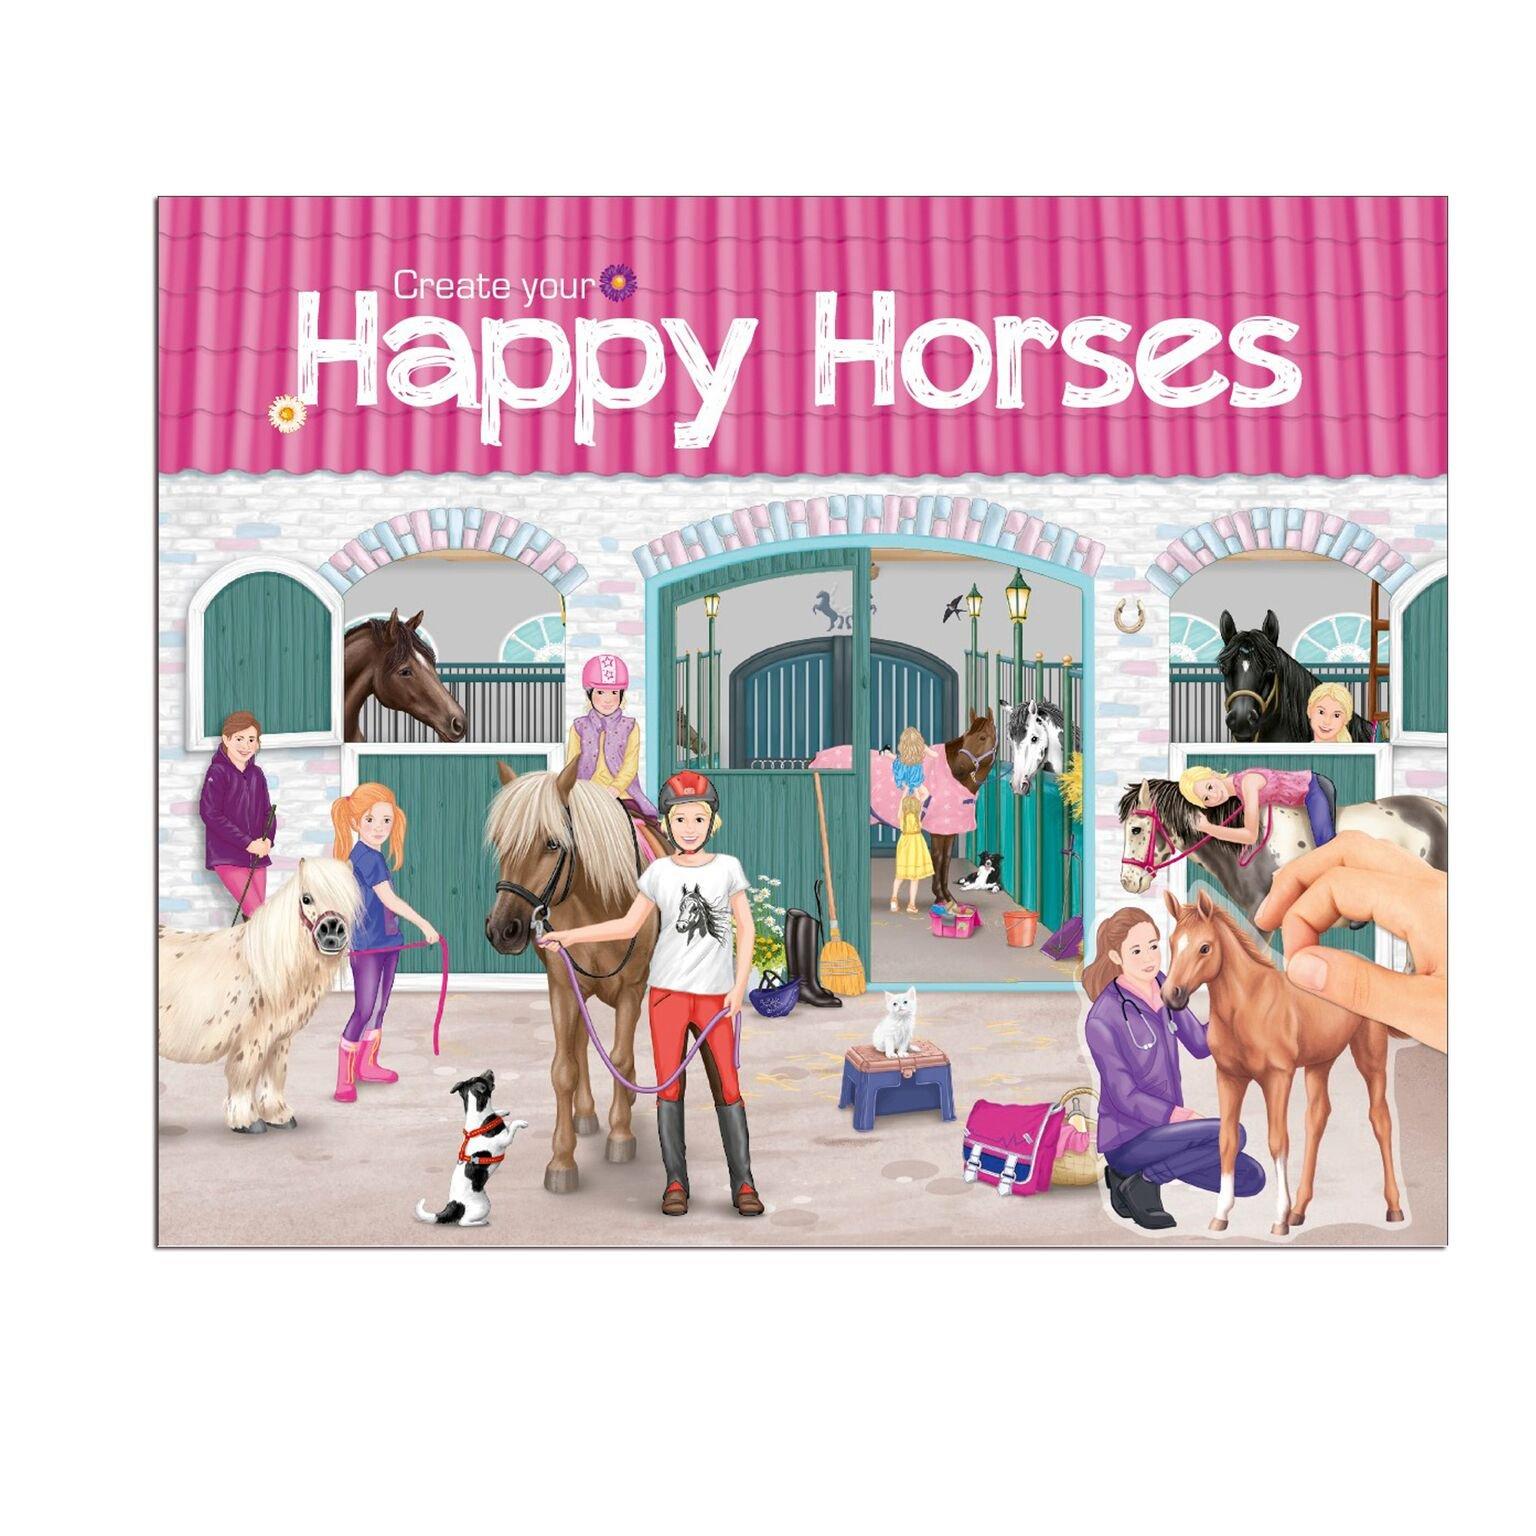 Creative Studio - Create your Happy Horses (0410176)